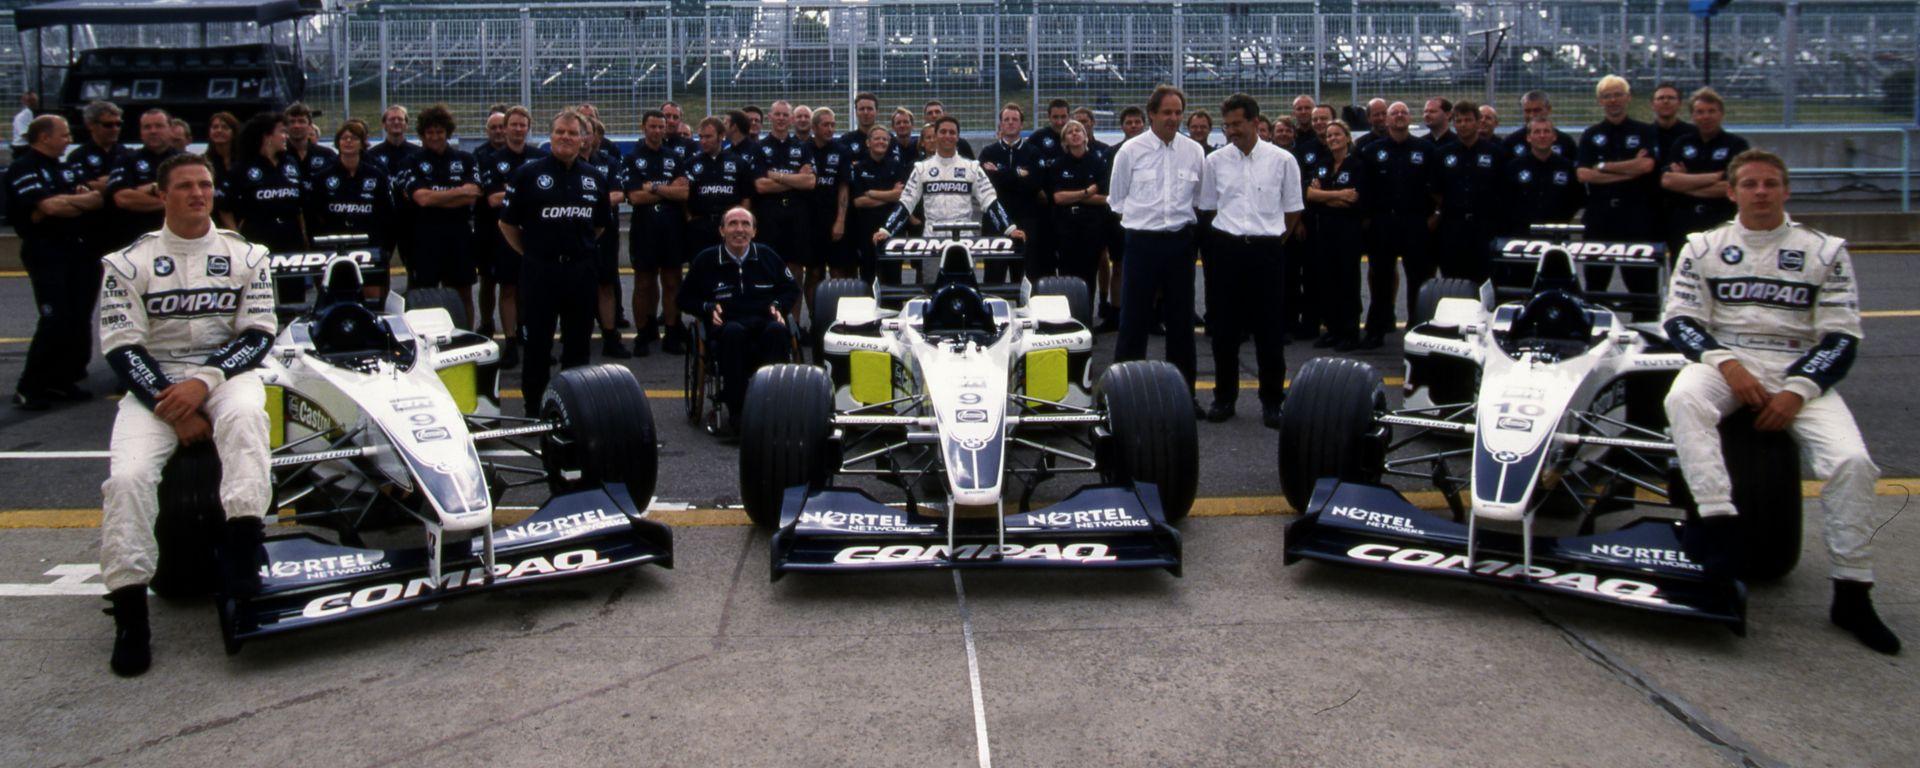 F1, GP Canada 2000: Foto di gruppo per il team BMW